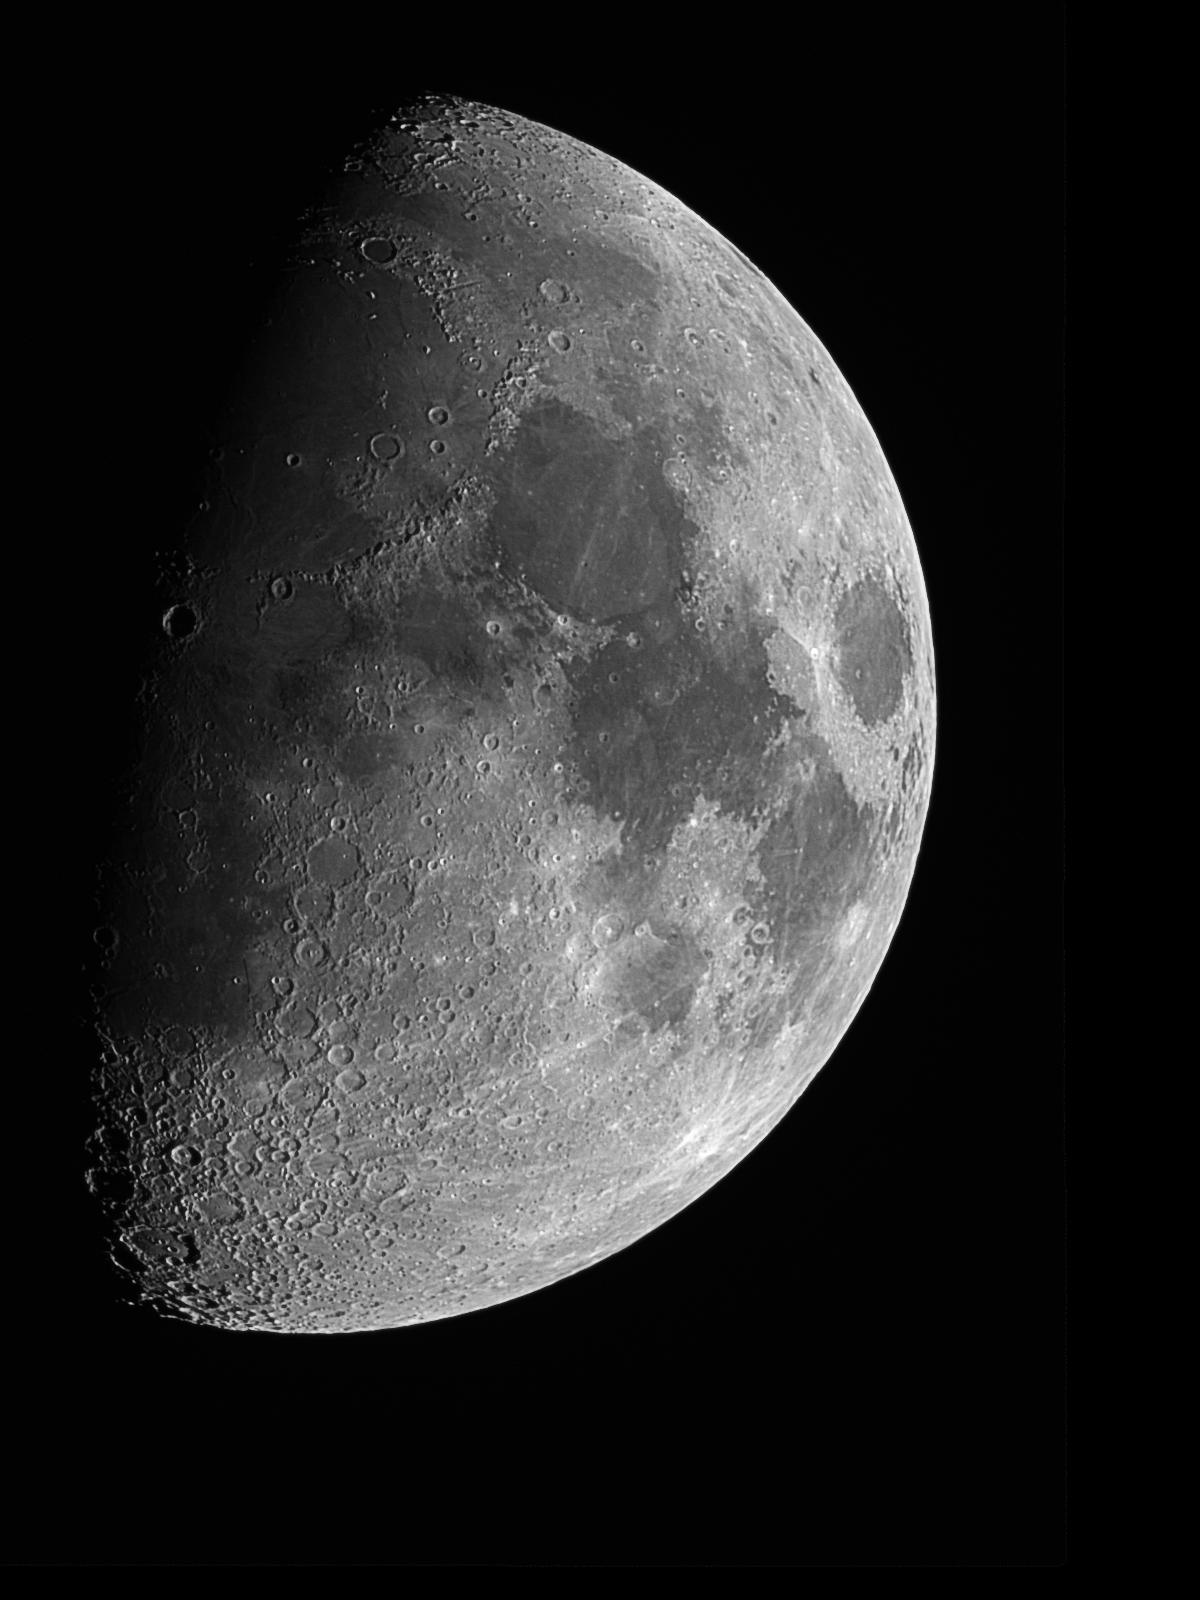 Moon_2020FEB03_20_25_48.jpg